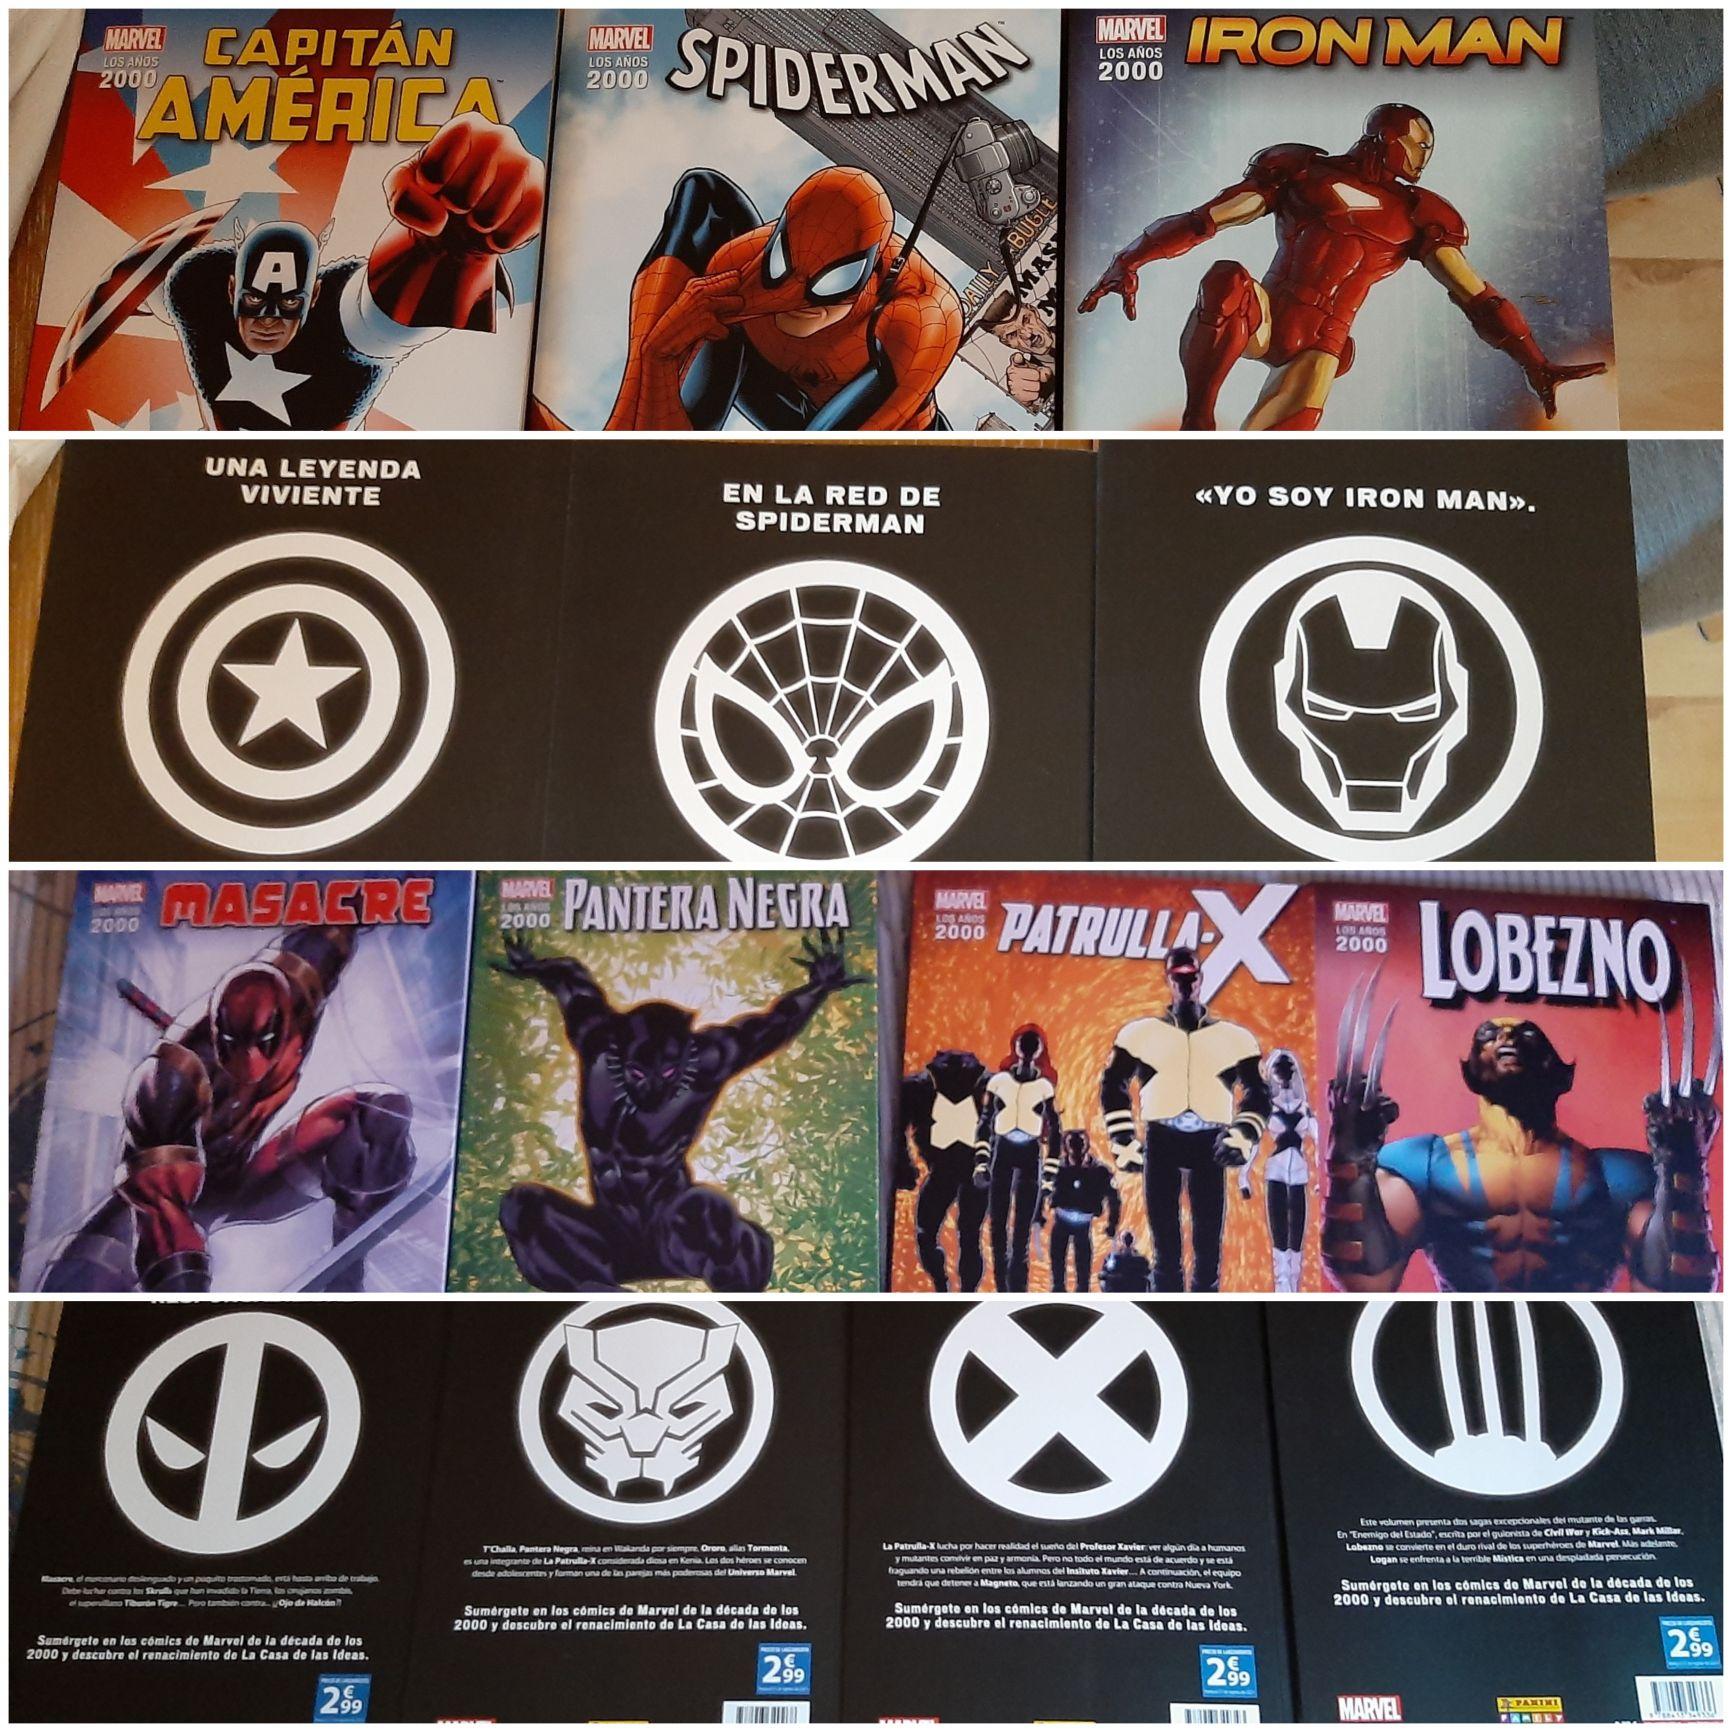 Cómics Superhéroes Marvel. 10 tipos y 240 páginas